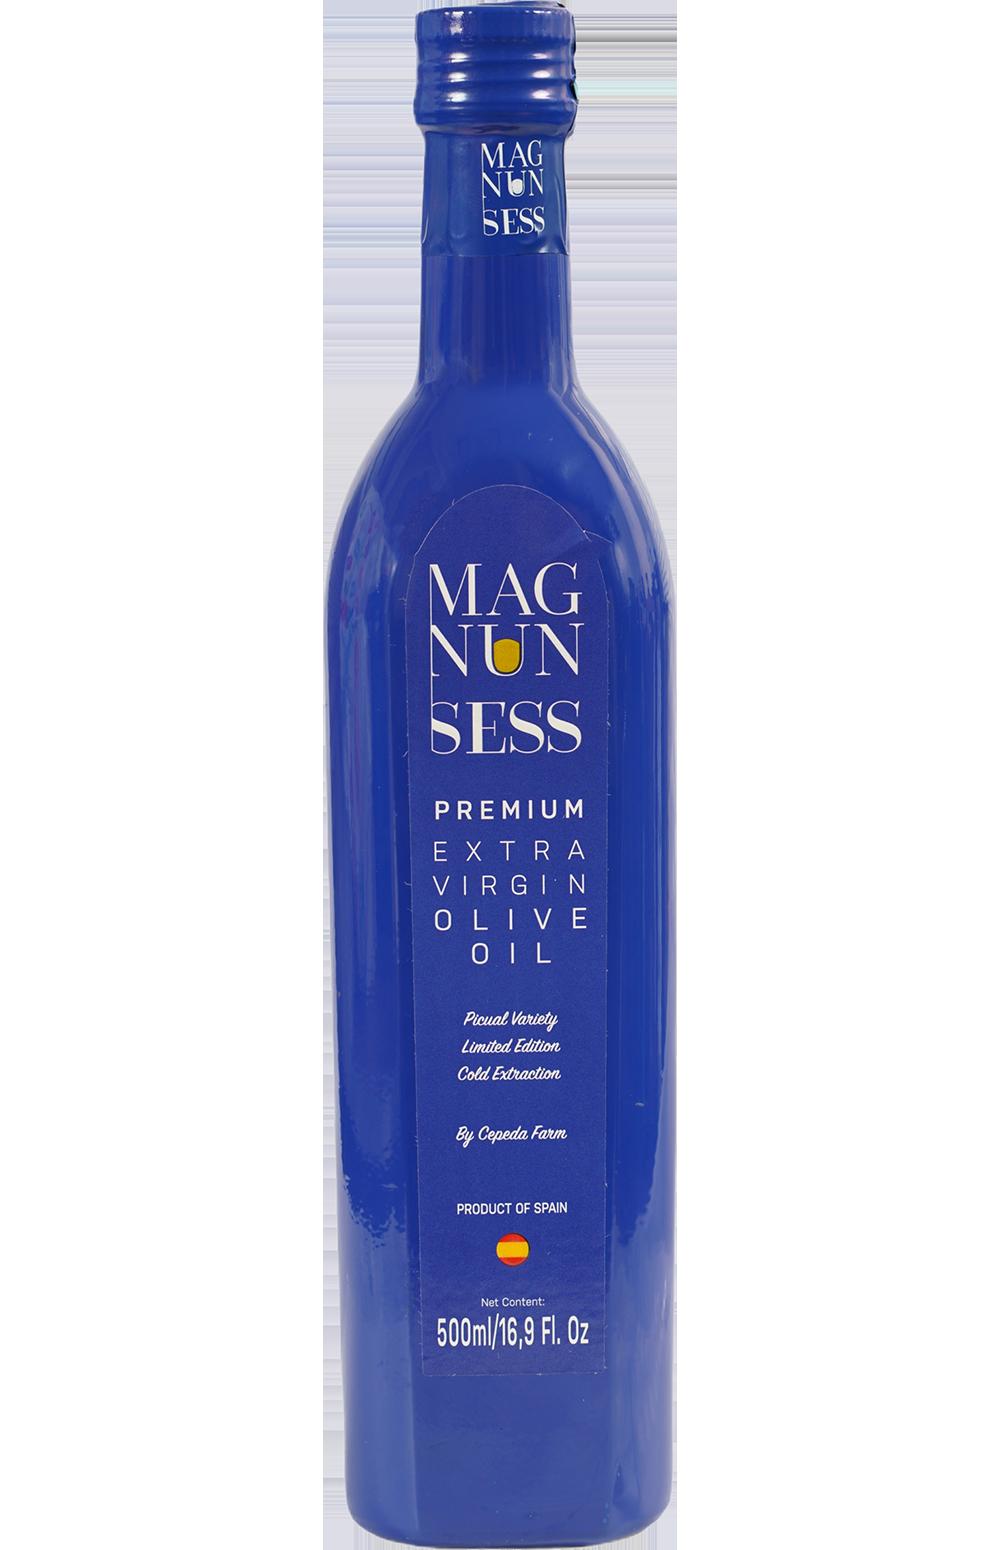 Magnun Sess Premium